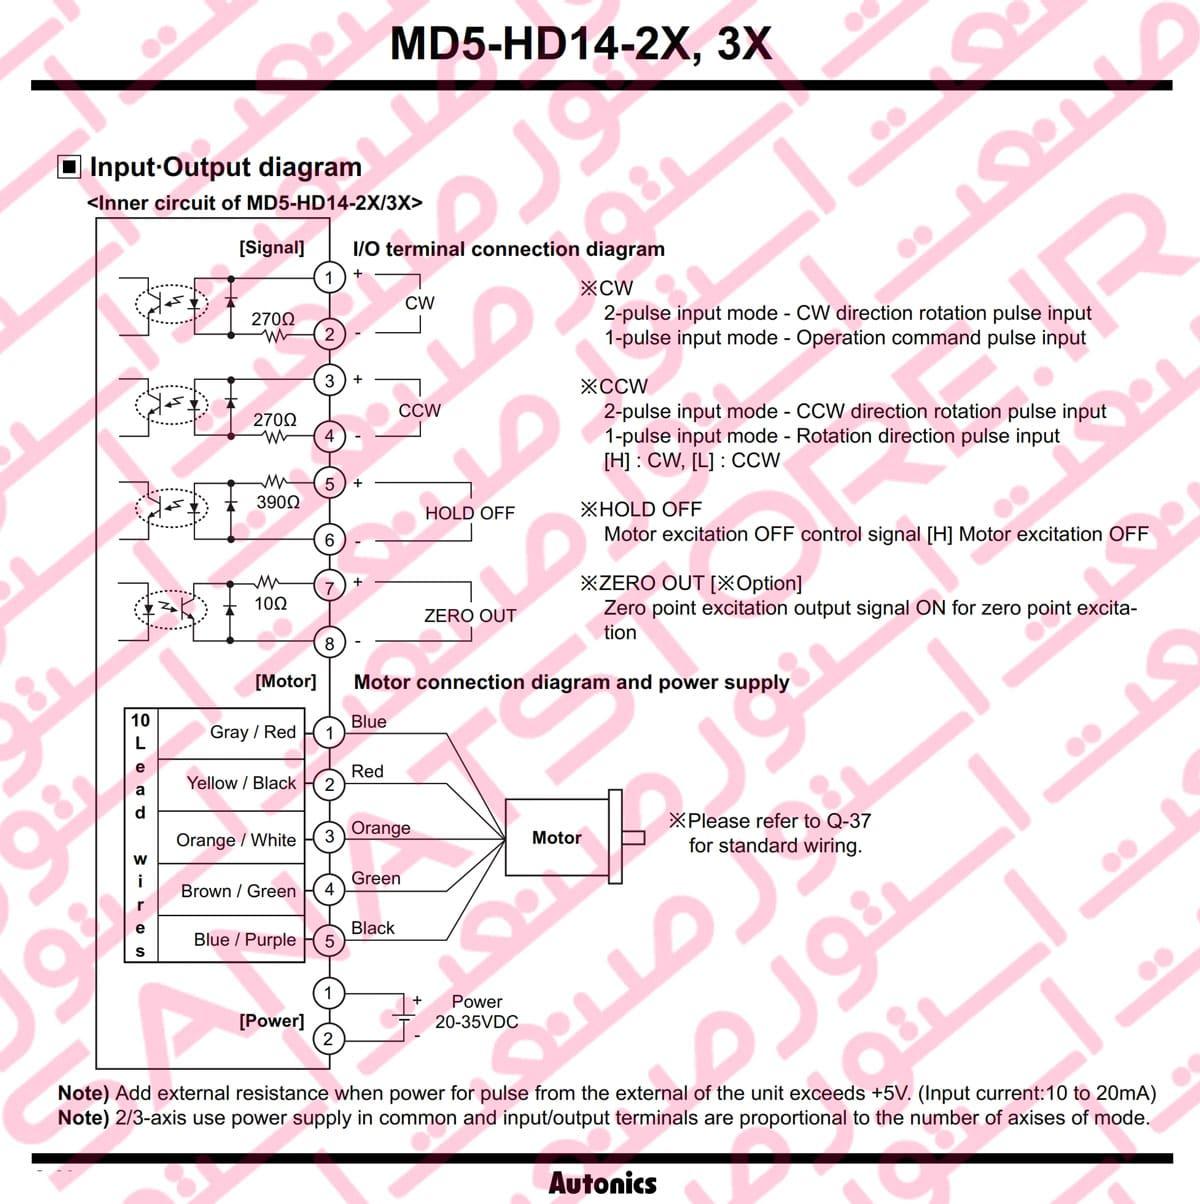 راهنمای نصب درایور استپ موتور آتونیکس Autonics مدل MD5-HD14-2X , 3X